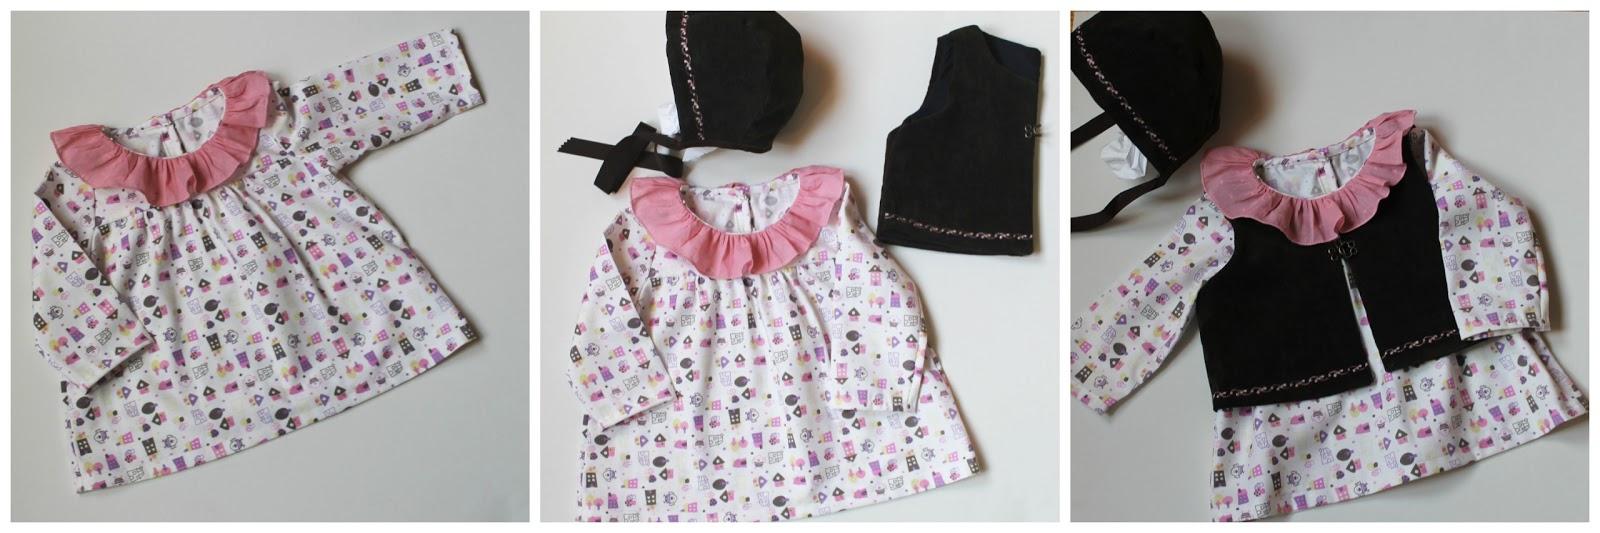 Cosas de Butterflies: Mi patrón de vestido para niña preferido ...